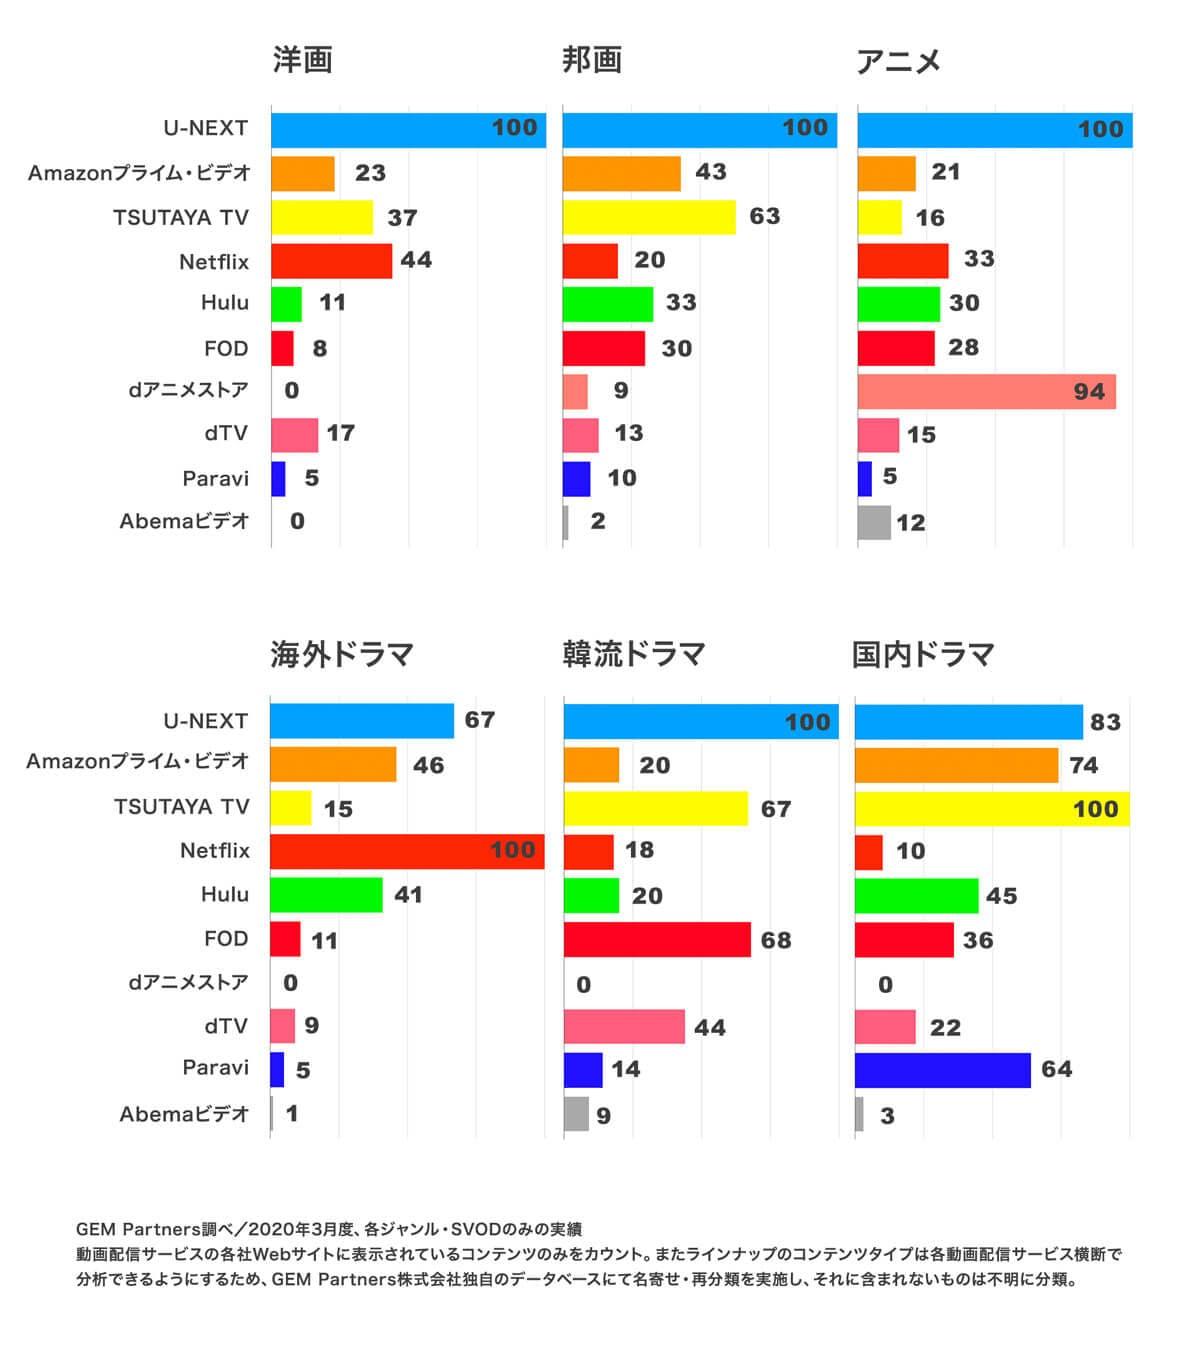 『U-NEXT』の作品数の多さを説明するグラフ